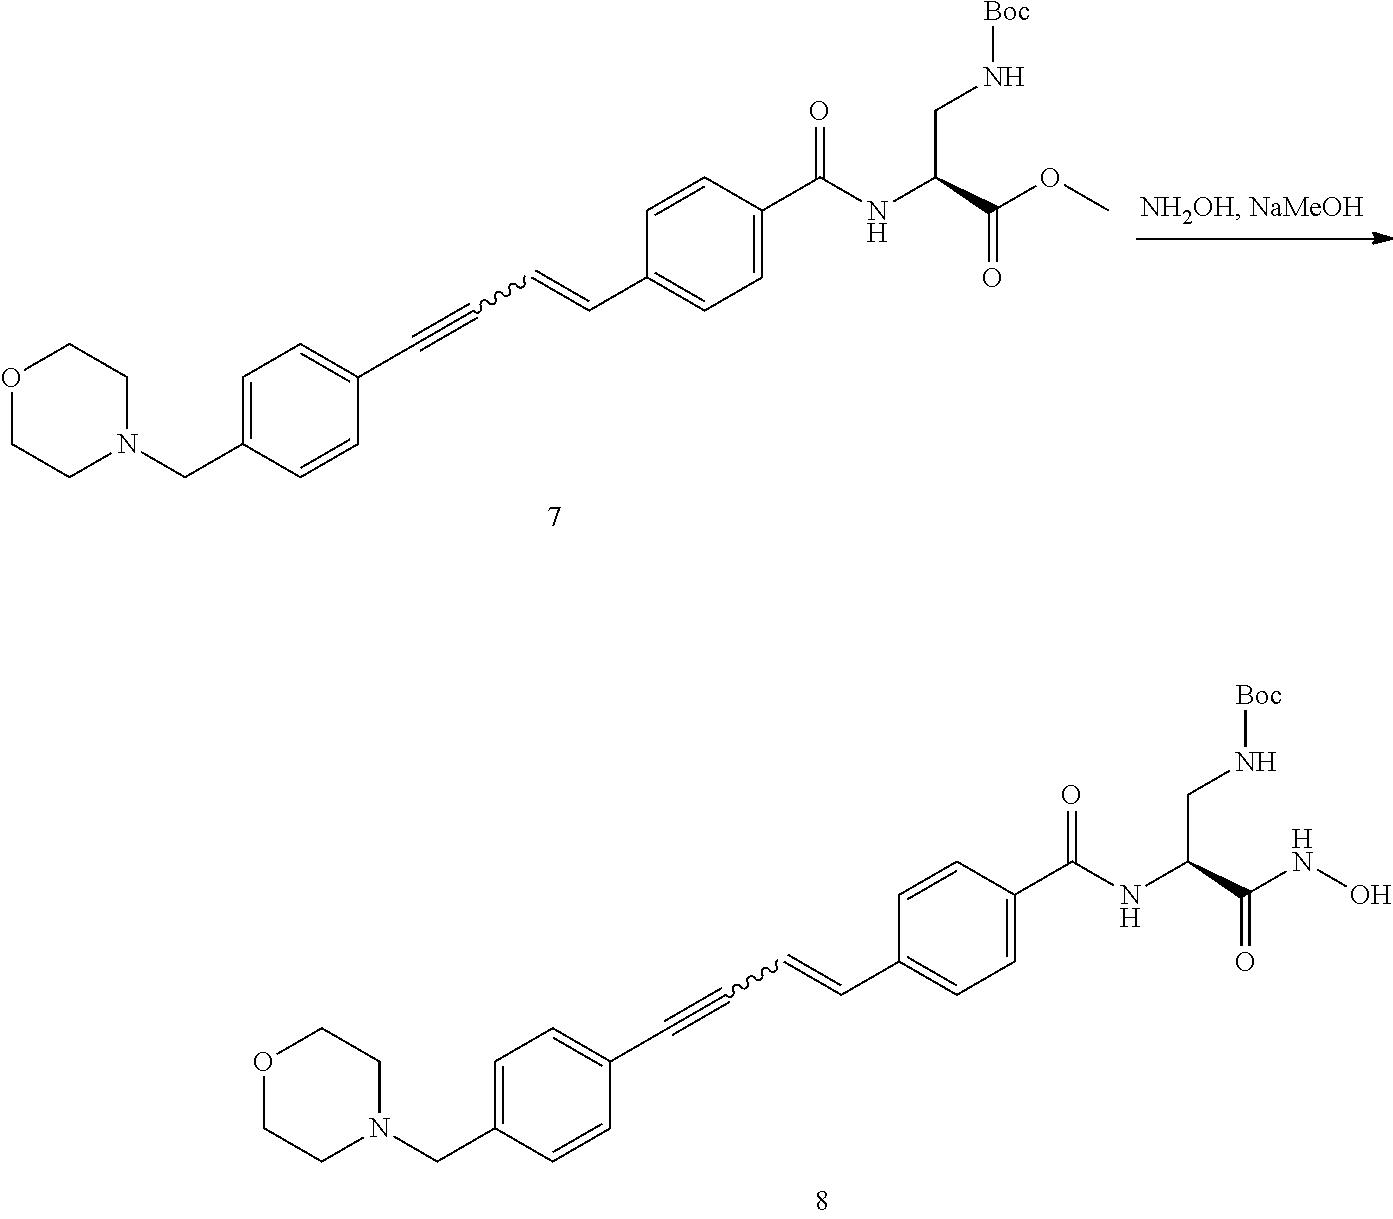 Figure US09617256-20170411-C00055